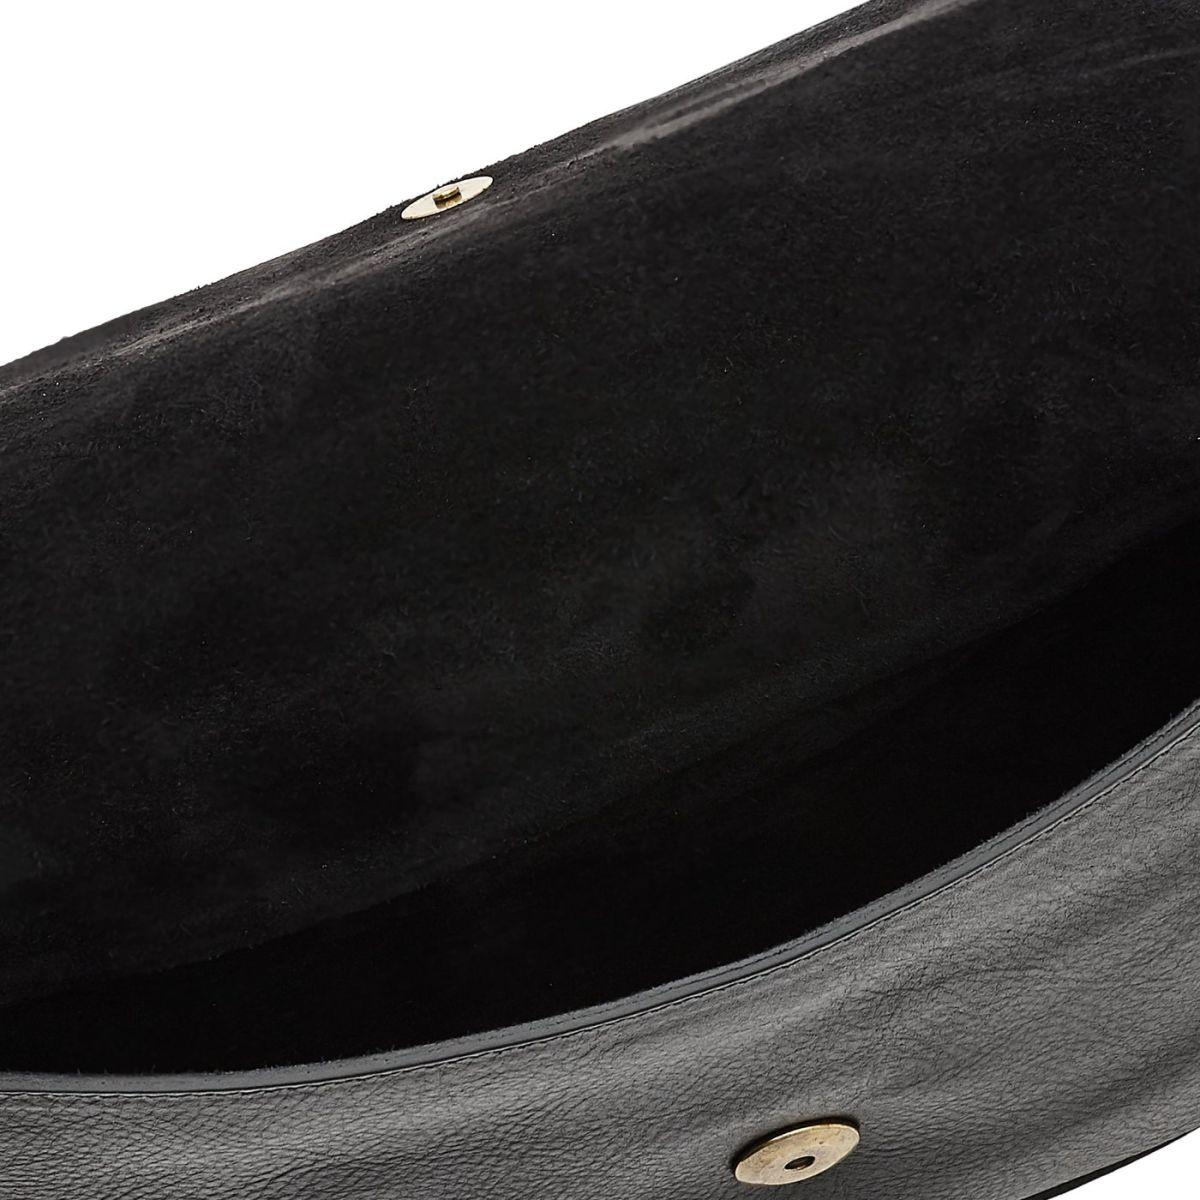 Borsa A Tracolla da Donna Salina in Pelle Di Vacchetta BCR173 colore Nero | Details